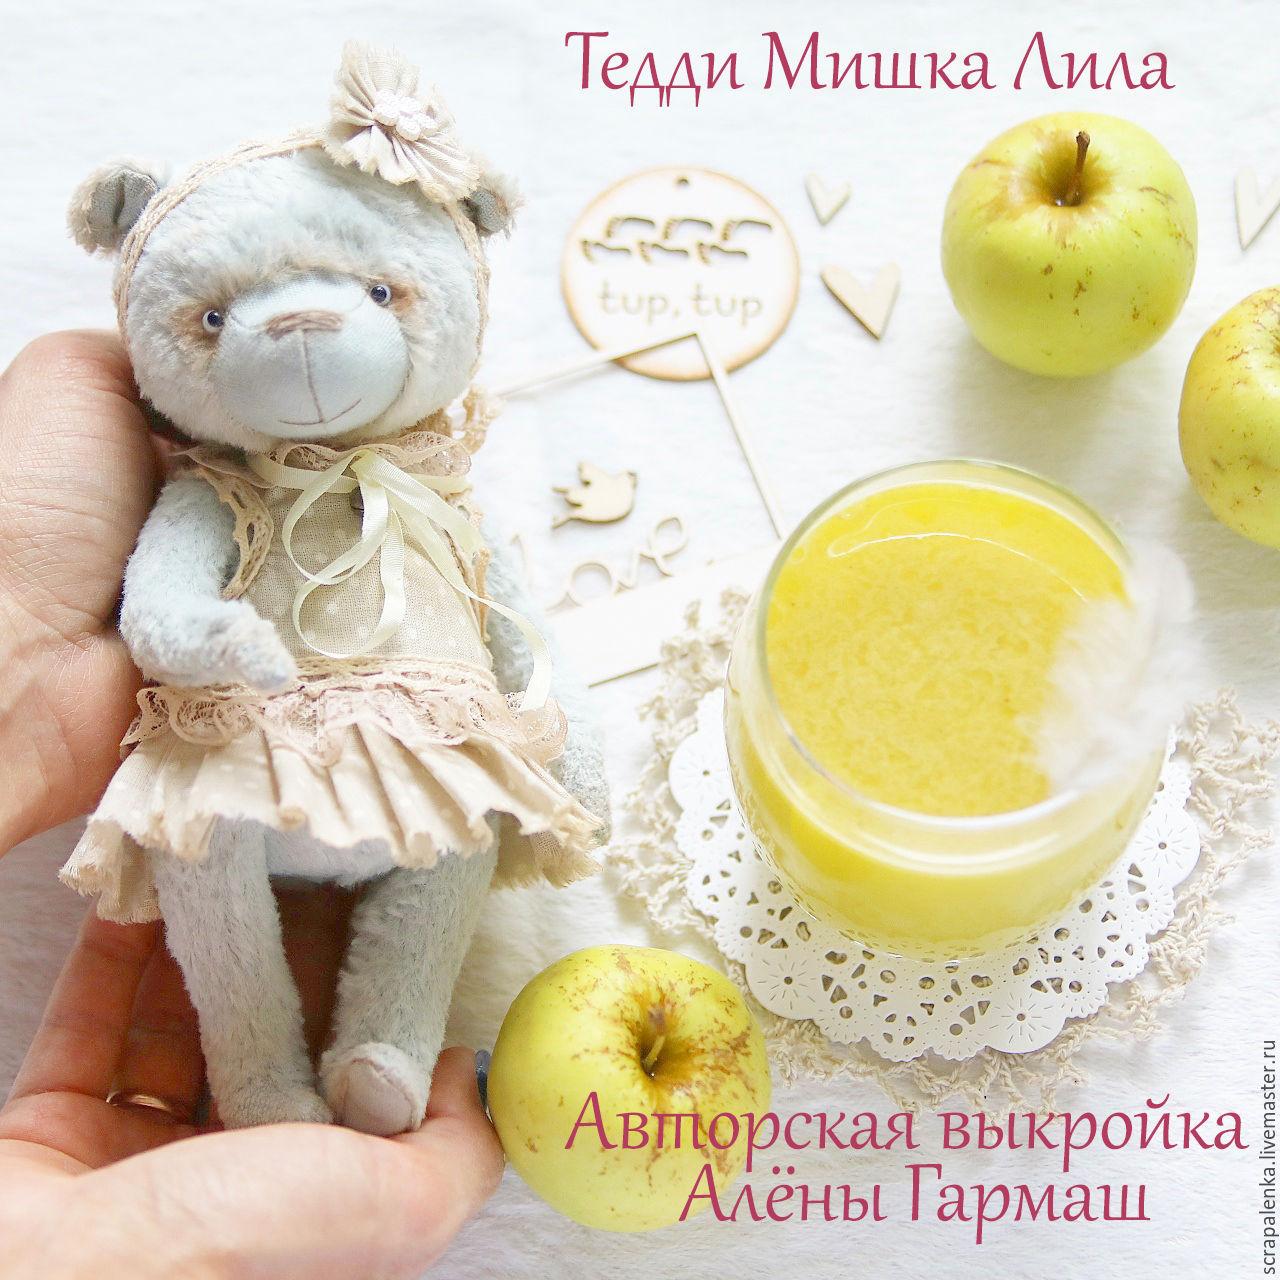 """Выкройка Мишки Тедди - Лила. """"Счастье в Ладошках"""", Выкройки для кукол и игрушек, Симферополь,  Фото №1"""